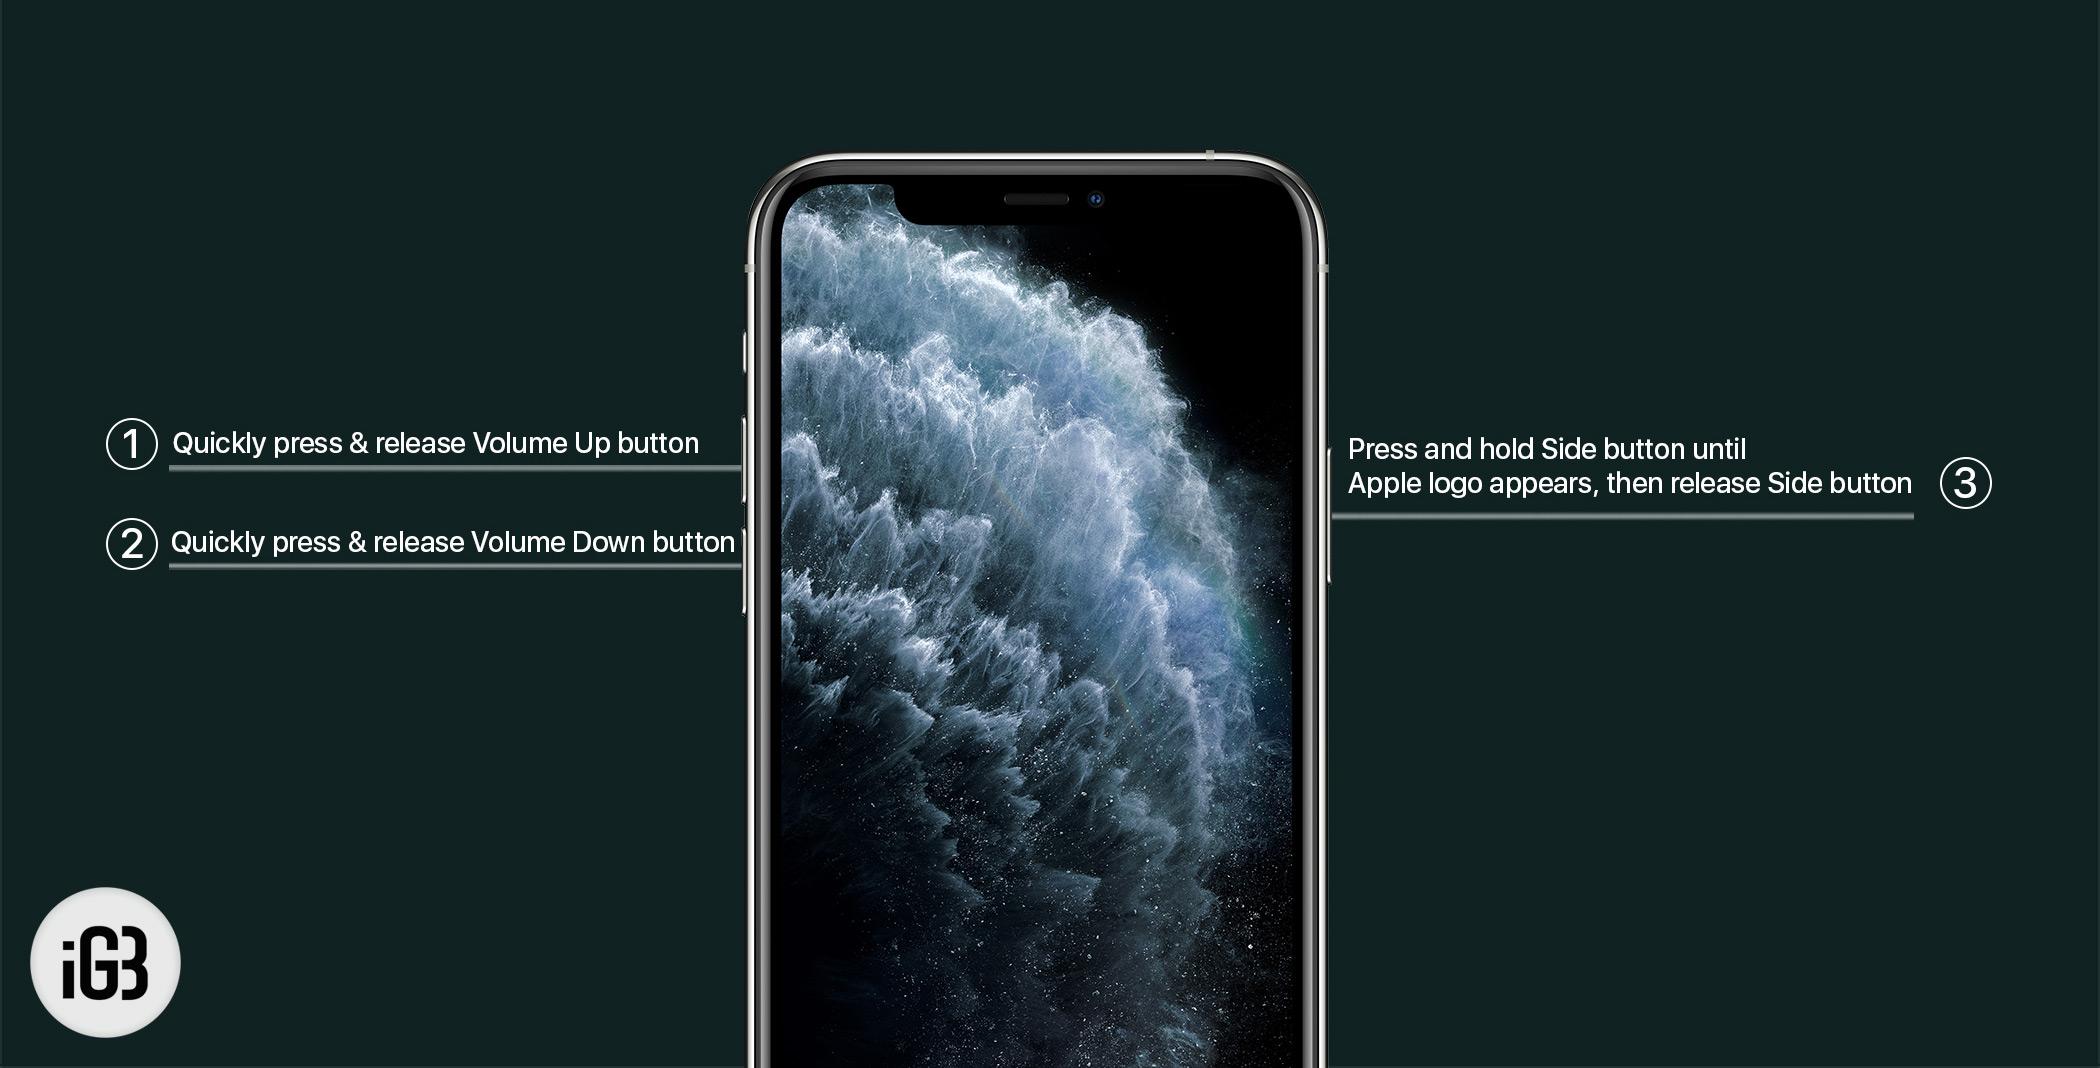 Cách khởi động lại iPhone 11, 11 Pro và 11 Pro Max